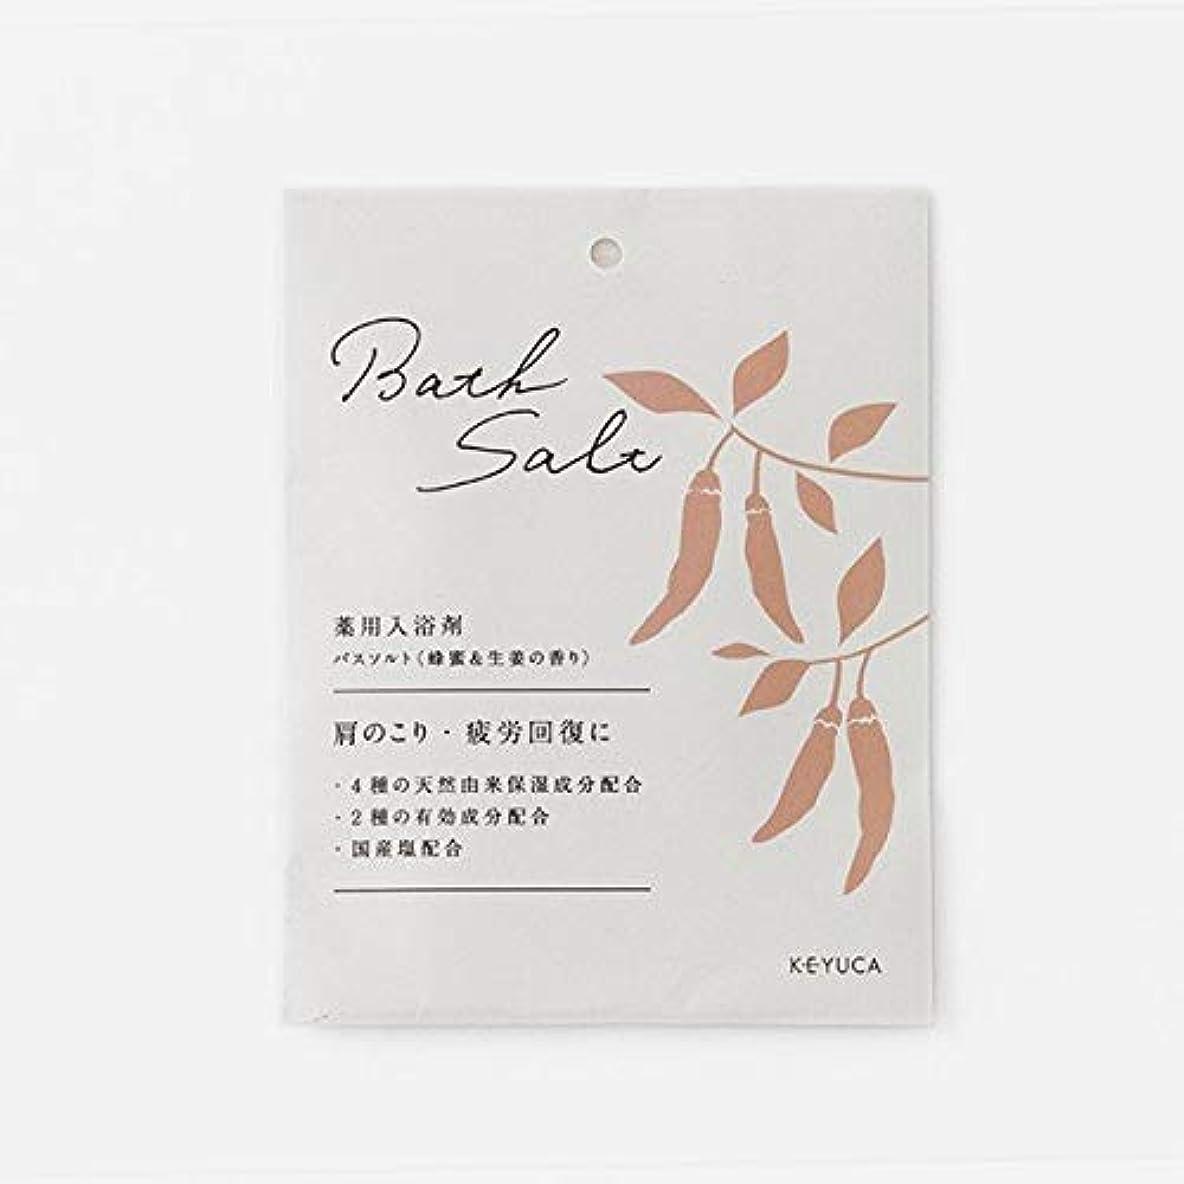 包帯極小中央値KEYUCA(ケユカ) 薬用バスソルト 蜂蜜&生姜